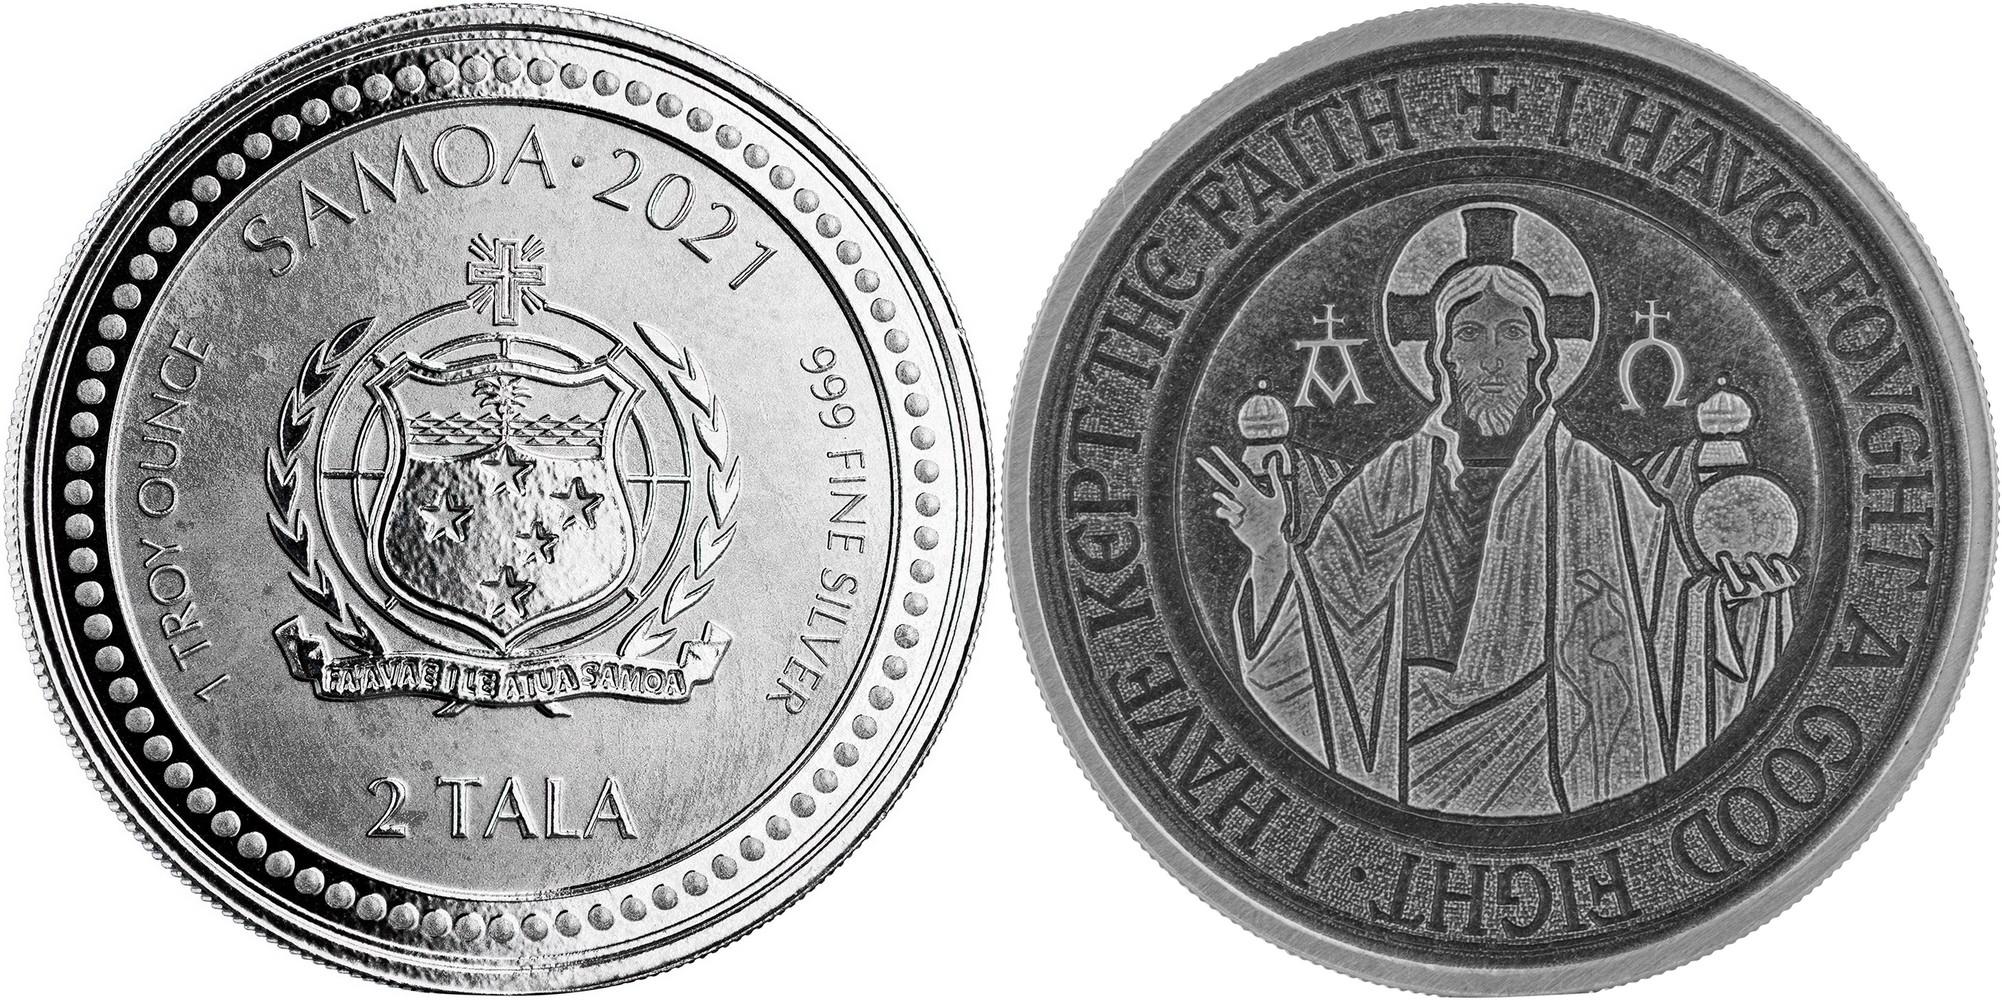 samoa-2021-alpha-omega-antique